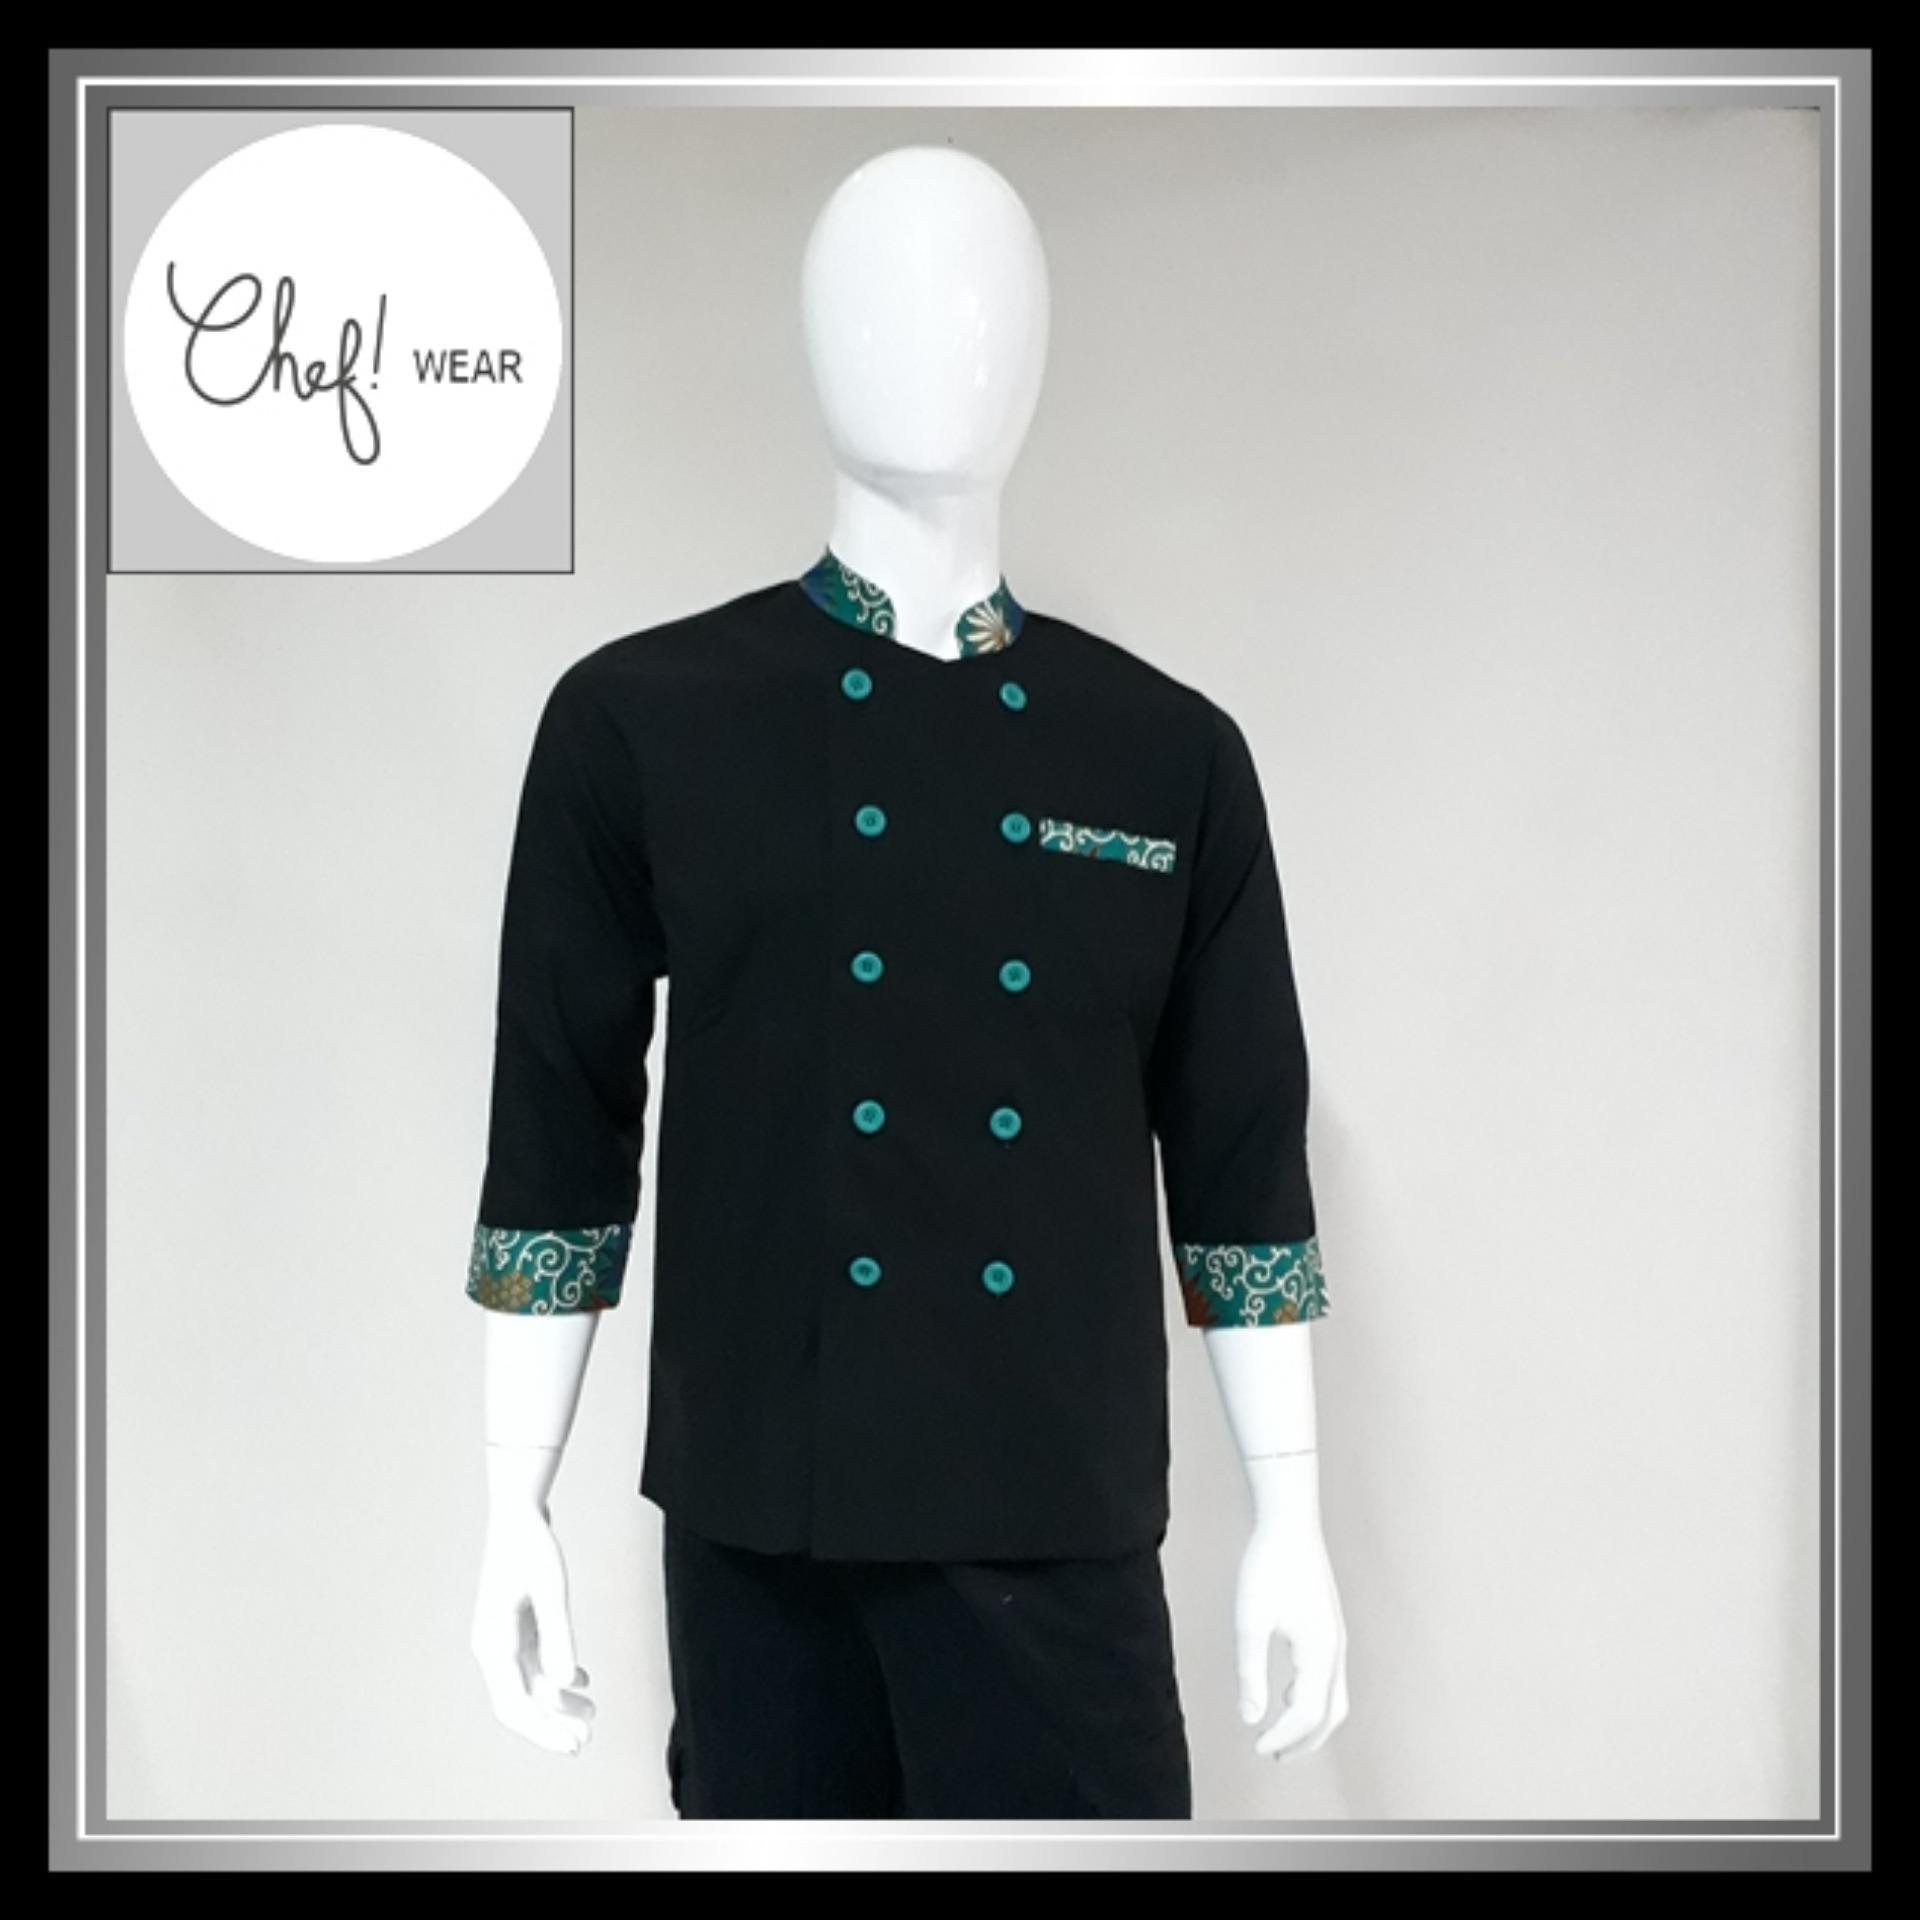 Chef Wear Baju Koki Hitam Komb Batik Hijau S-XL